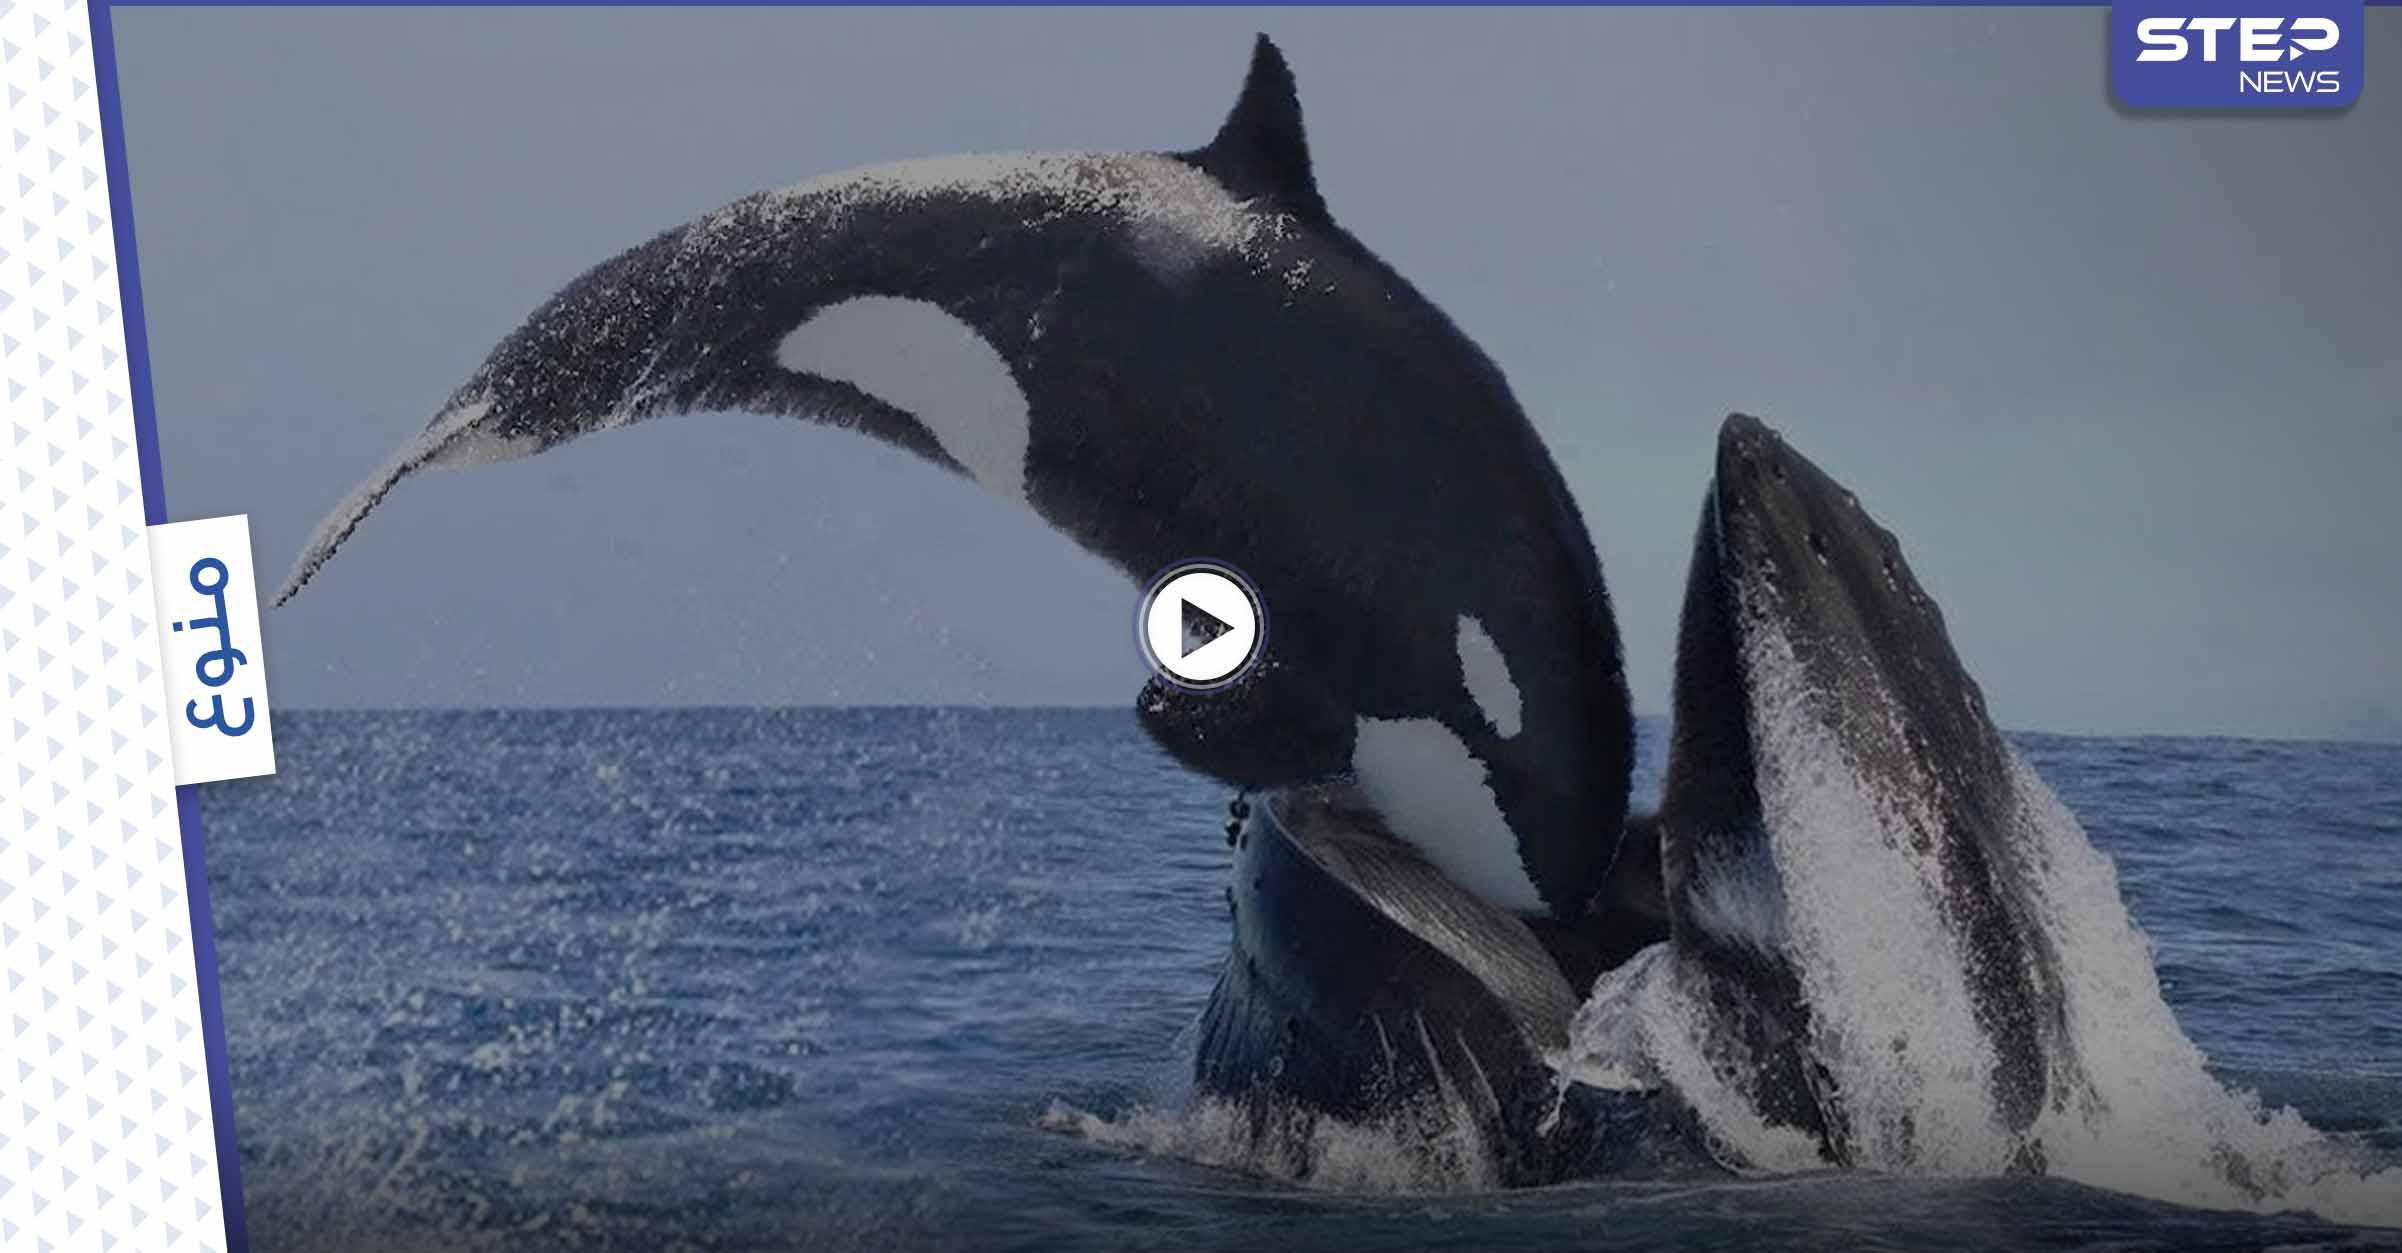 """بالفيديو   نشطاء يوثقون بكاء واستنجاد مؤلم لــ """"سفاح المحيط"""" حوت أوركا القاتل بعد انجرافه على الساحل"""